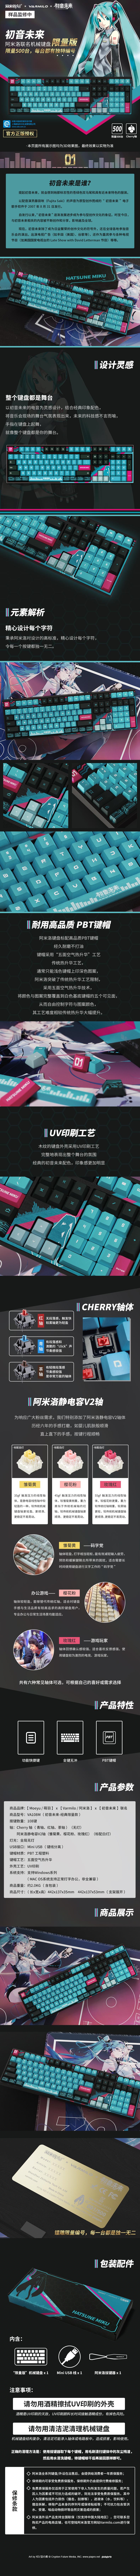 moeyu VOCALOID 初音未来 阿米洛联名机械键盘限量版静电容V2轴 玫瑰红 周边